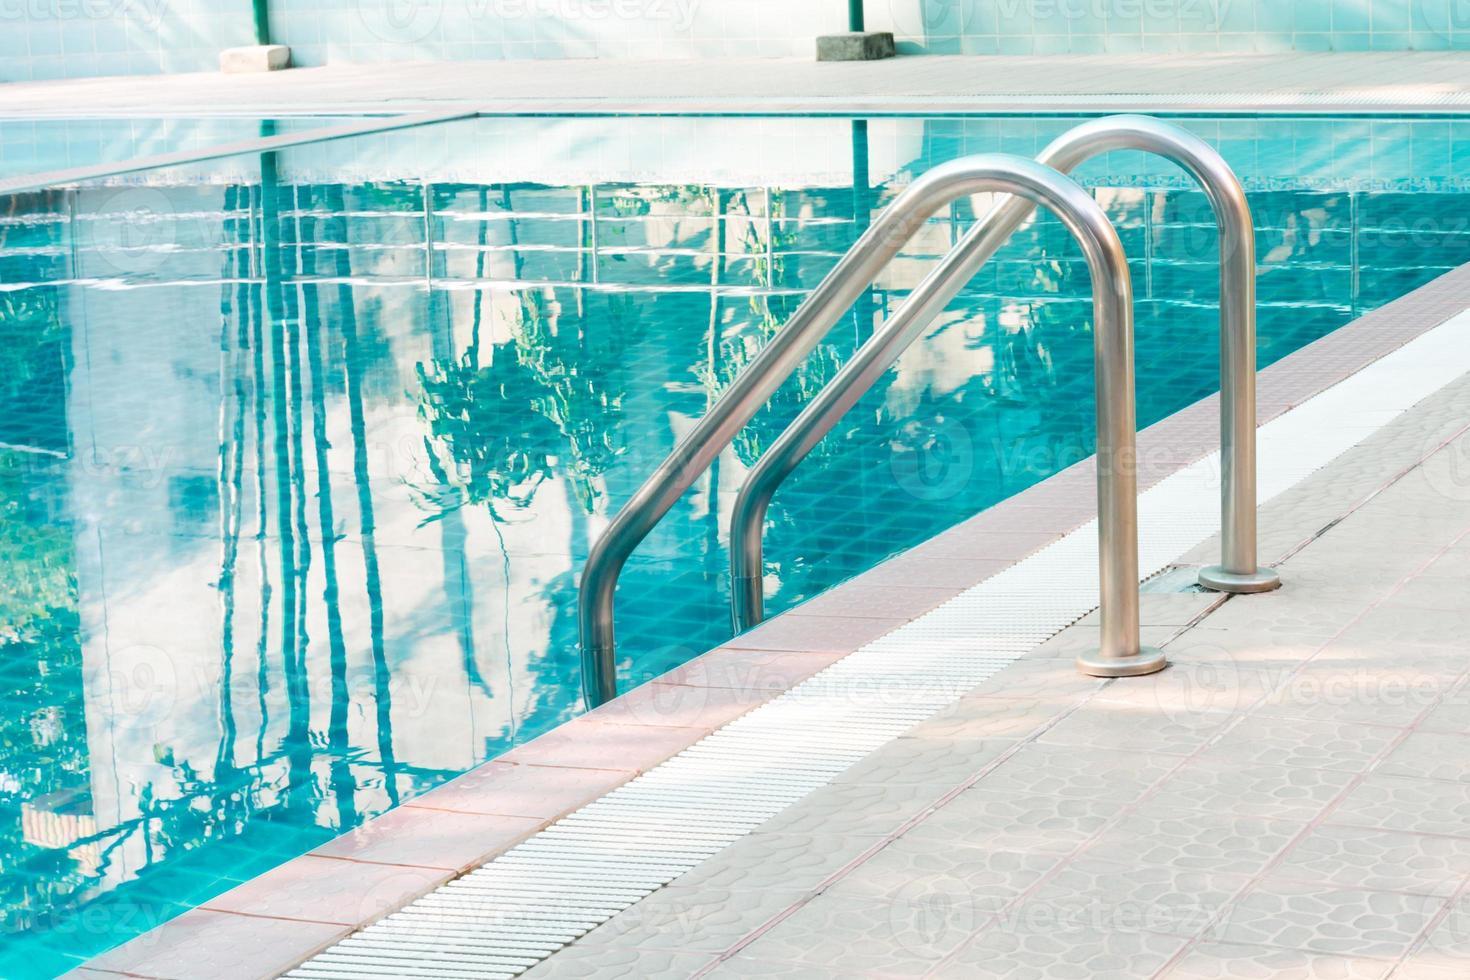 Schwimmbad mit Treppe foto